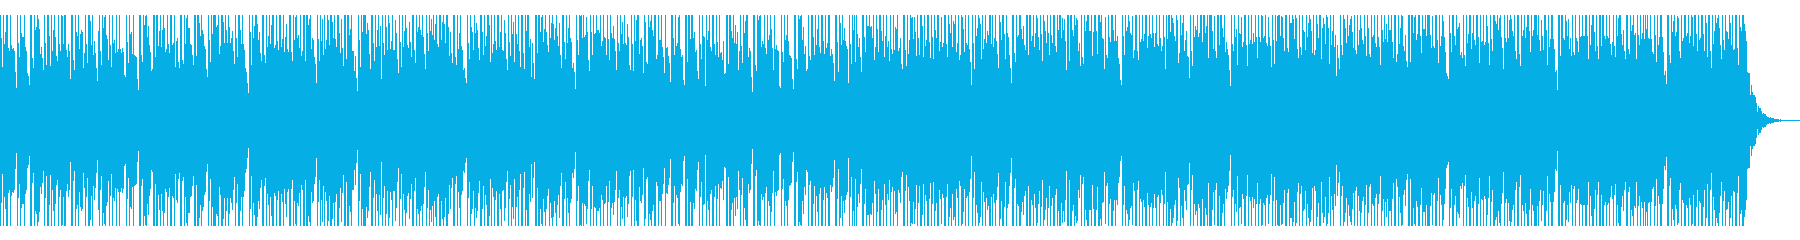 怒れる攻撃的なソロドラムの再生済みの波形